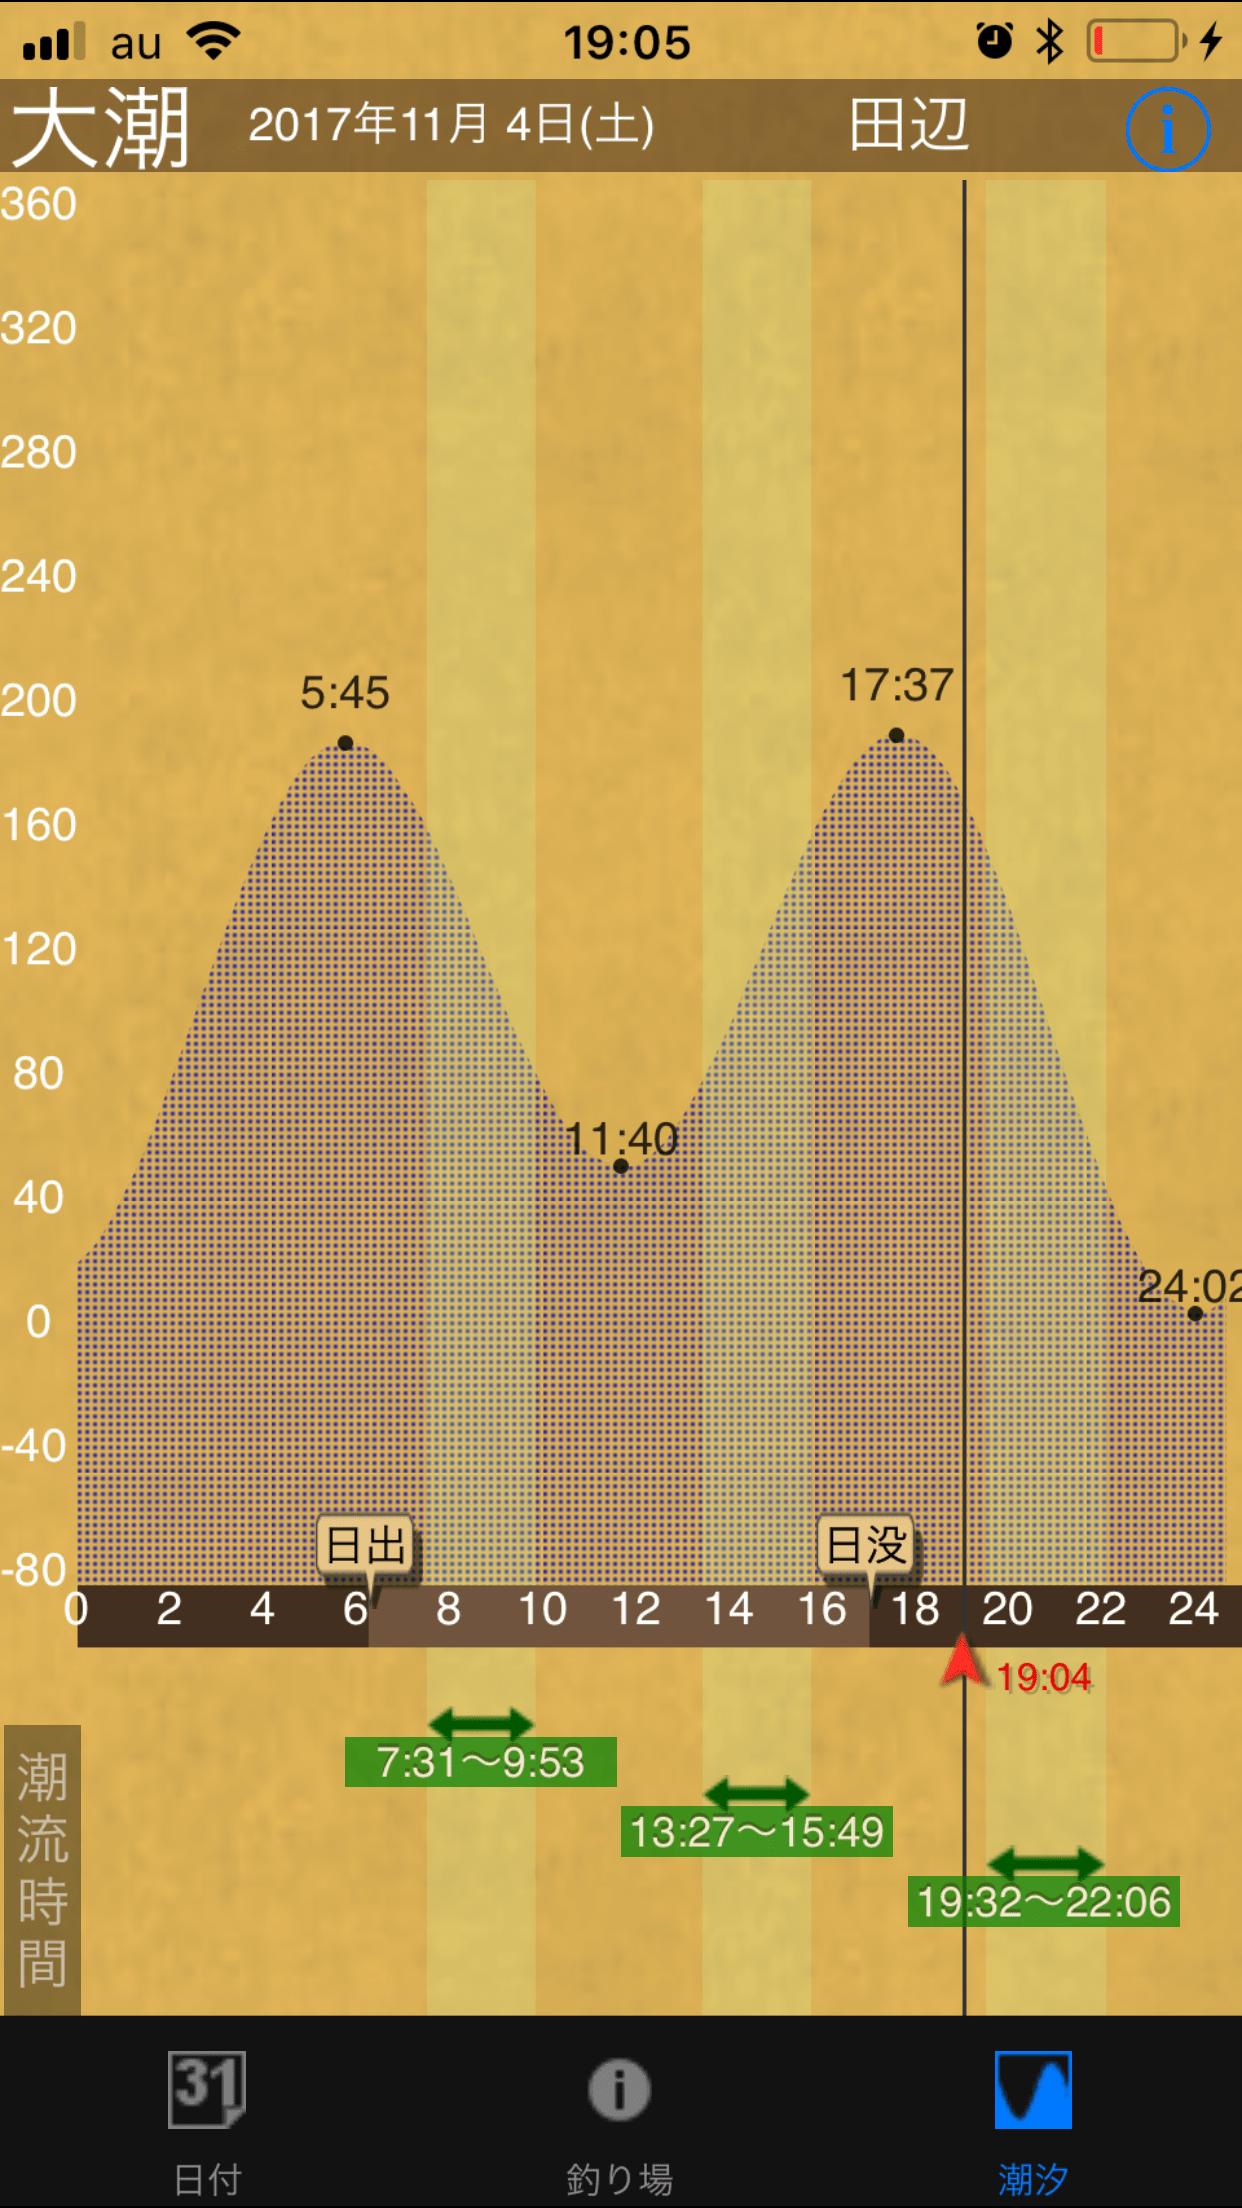 釣りに便利なタイドグラフ(潮汐表)と潮流の速さがわかる無料アプリ